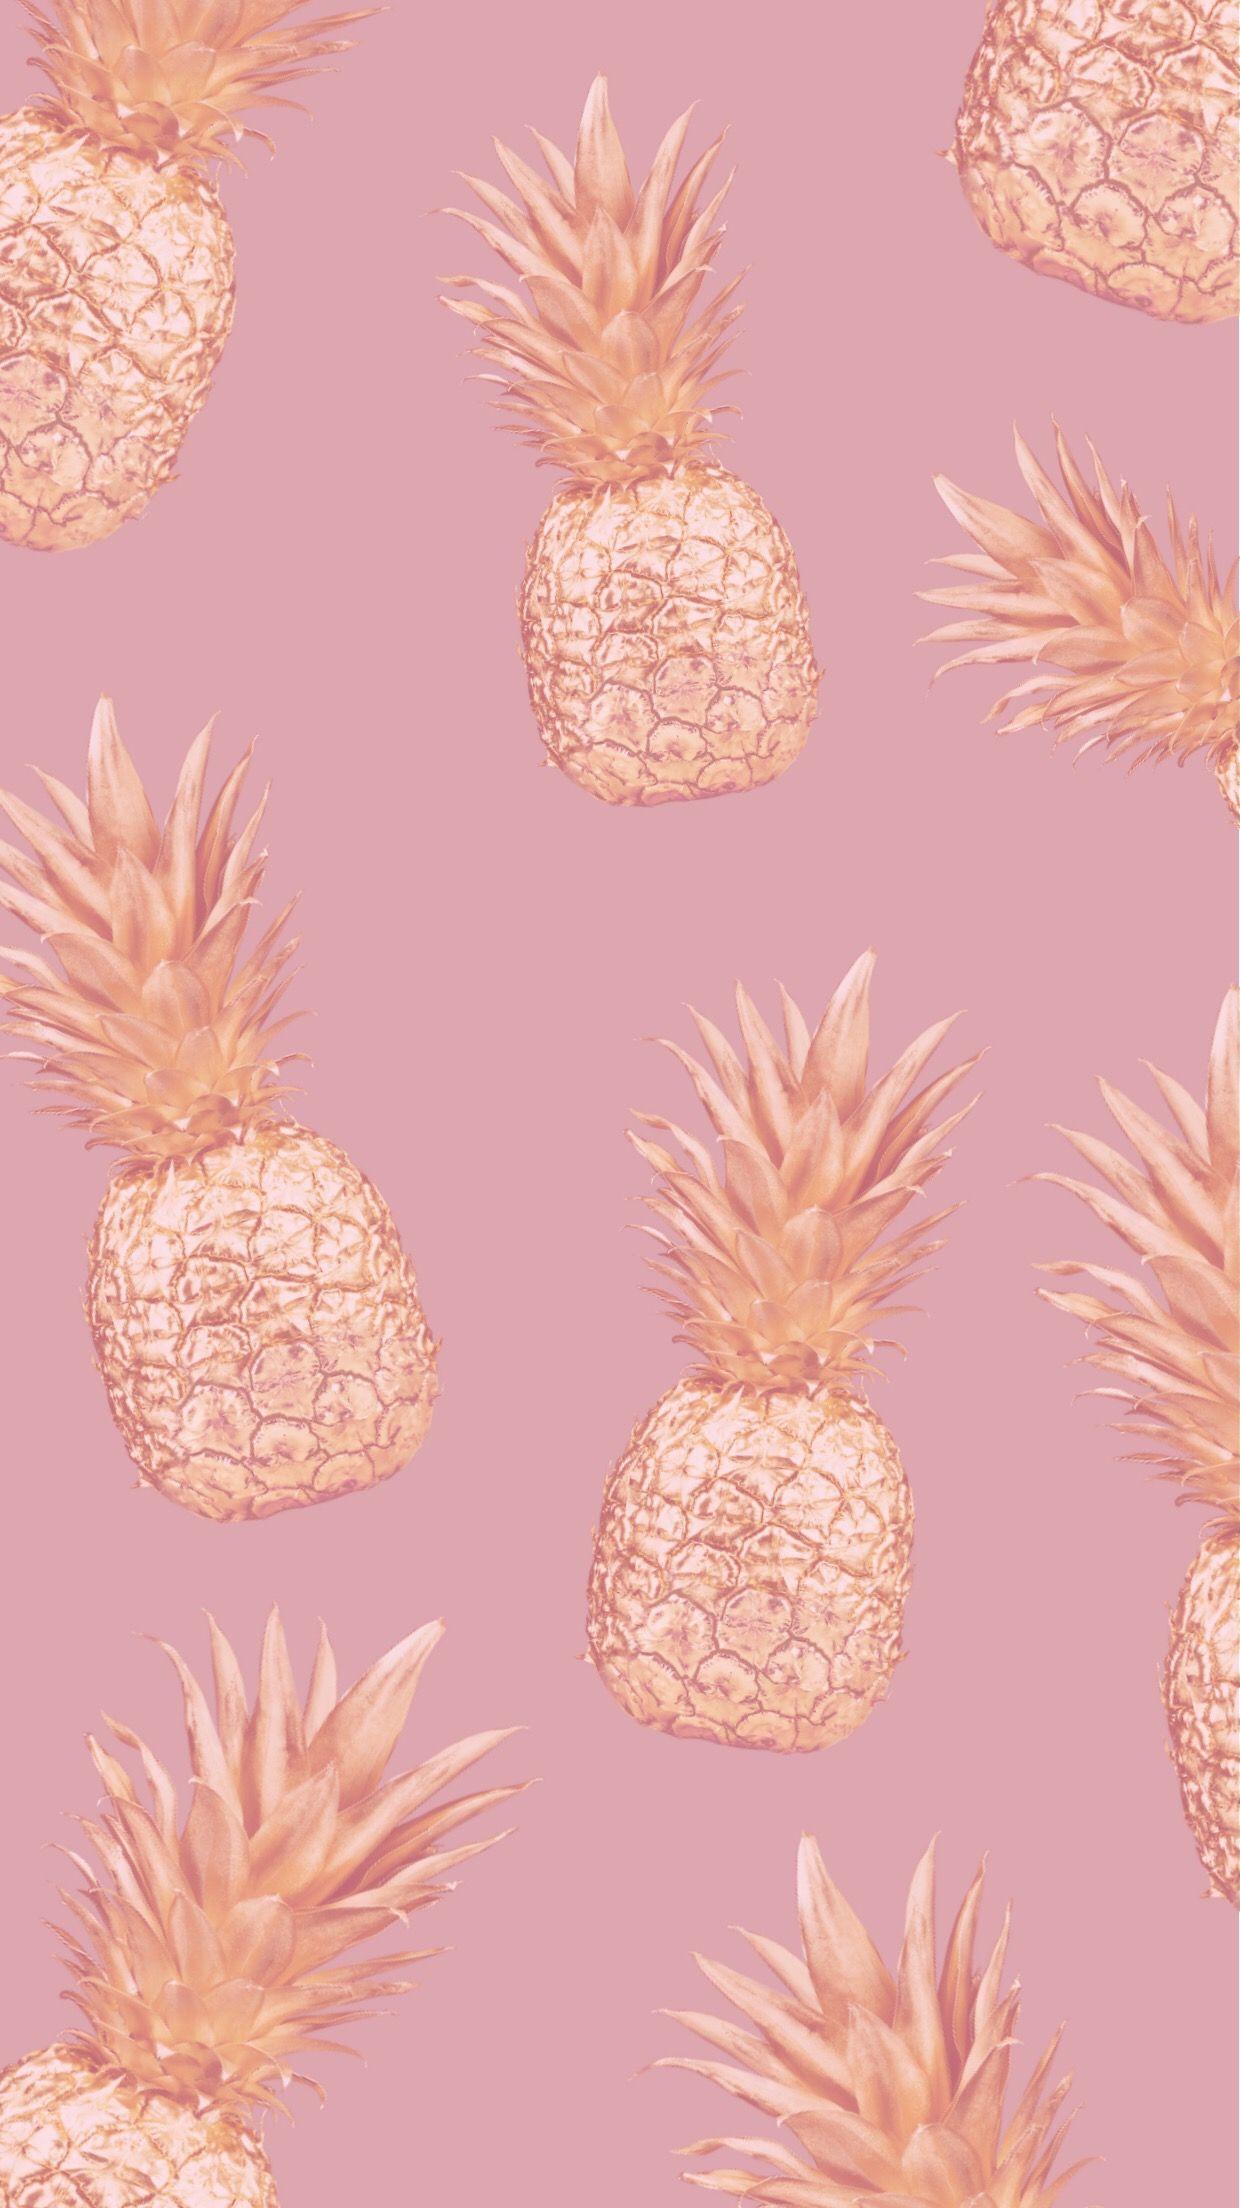 Voltron Shiro T Shirt Pineapple Wallpaper Pink Wallpaper Iphone Cute Wallpaper Backgrounds